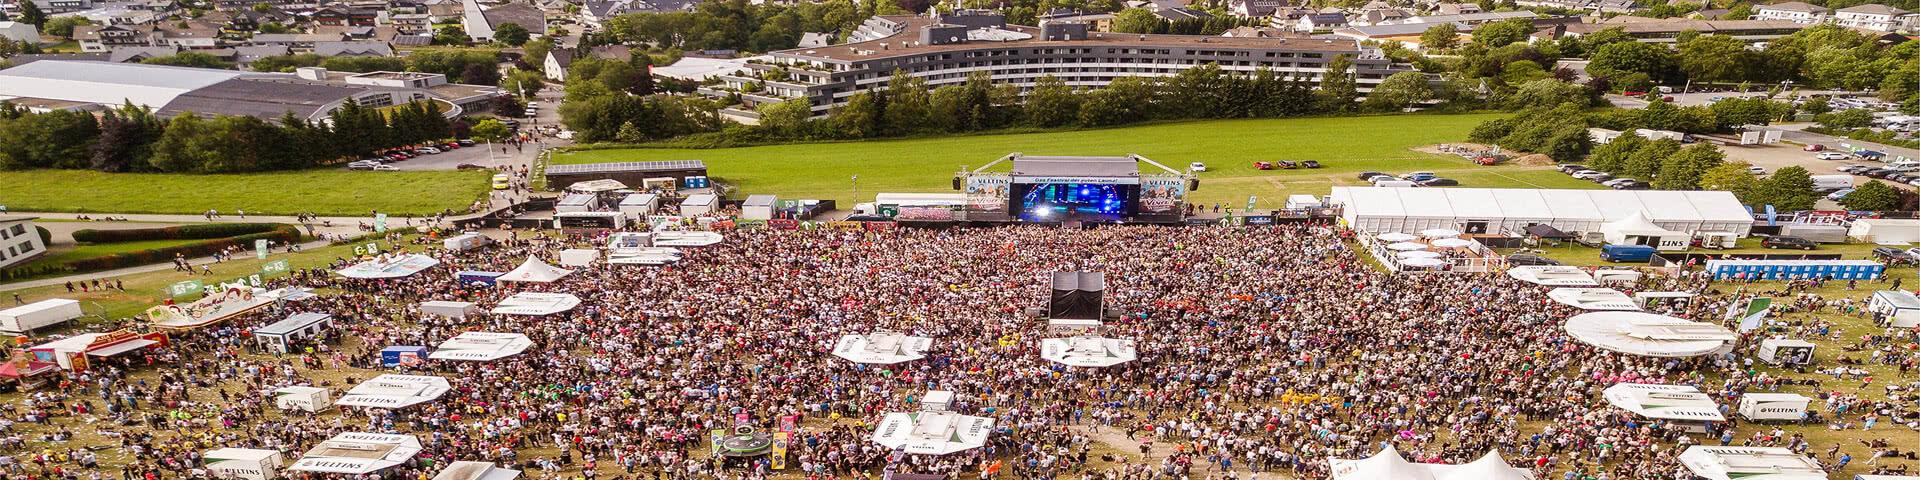 Luftbild von der Veranstaltungsfläche Viva Willingen